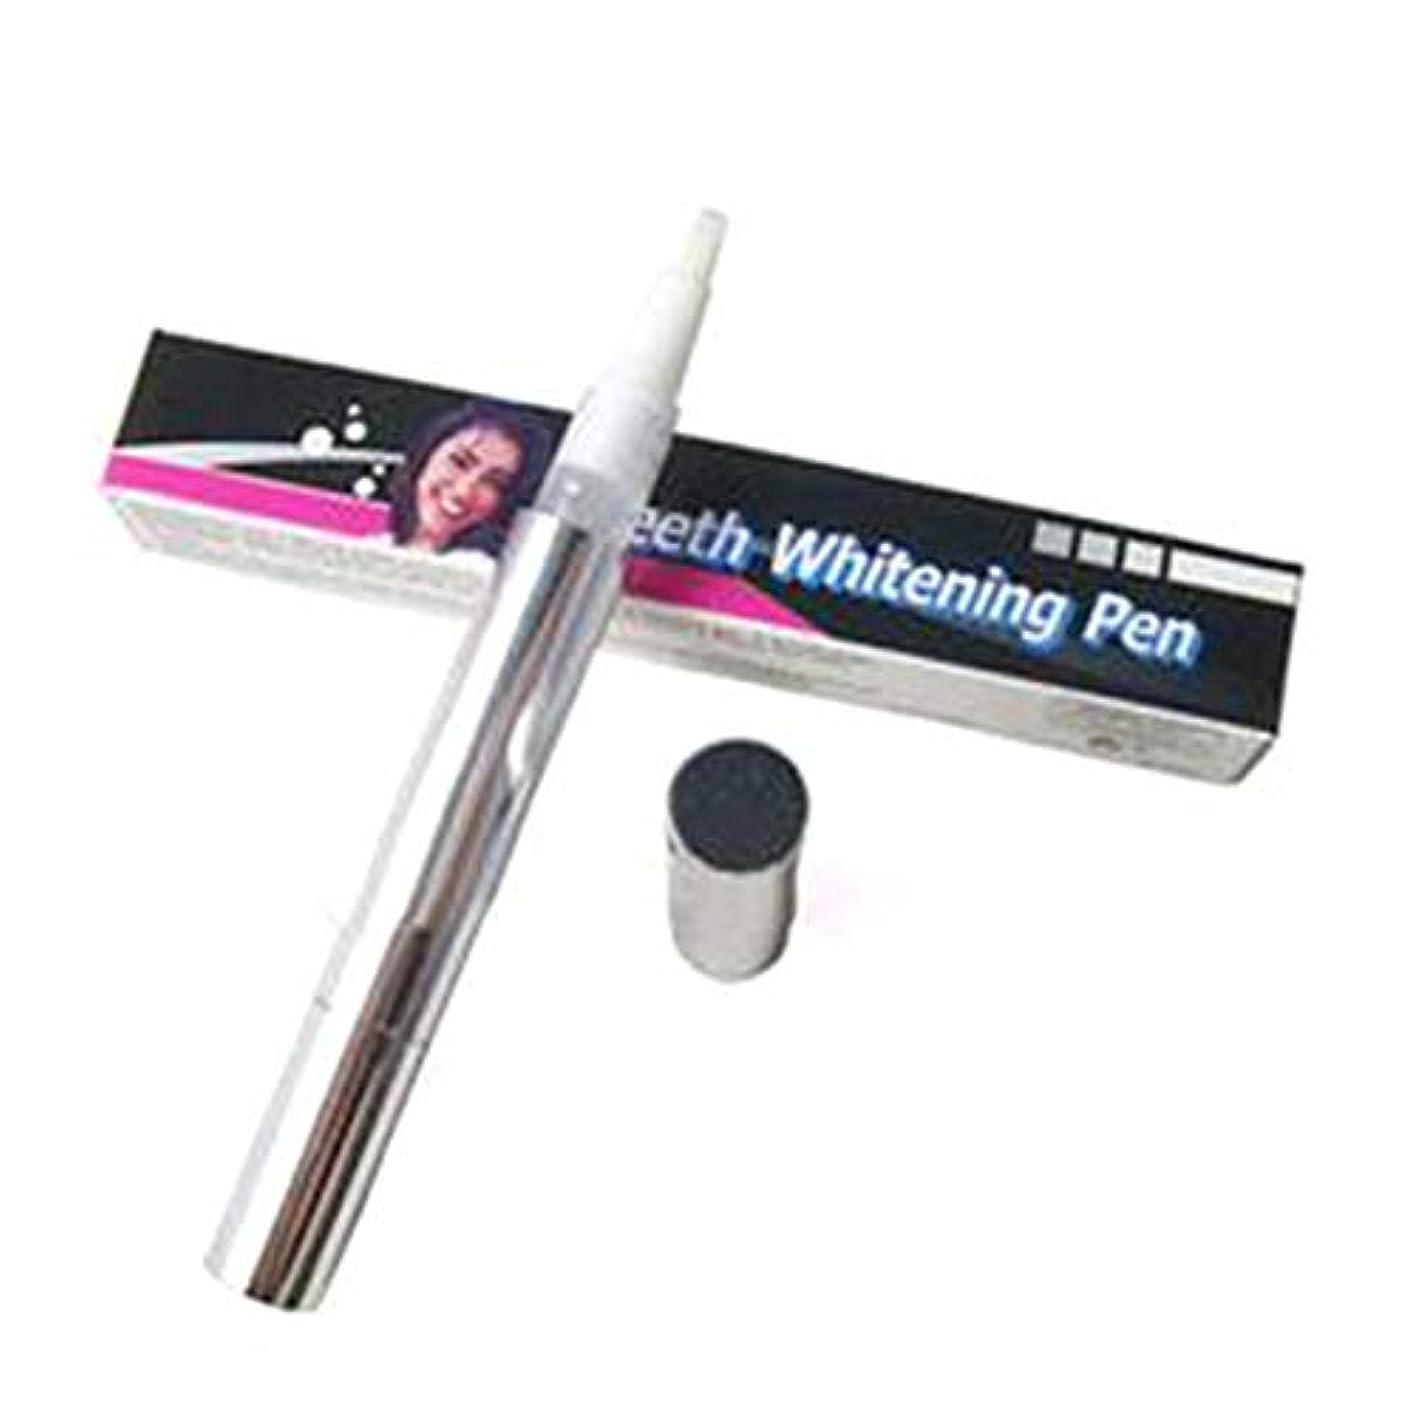 軽減続ける中級ペンホワイトニングペン強力な汚れ消しゴム除去速い漂白歯ジェルホワイトナー歯科口腔衛生用品 - シルバー